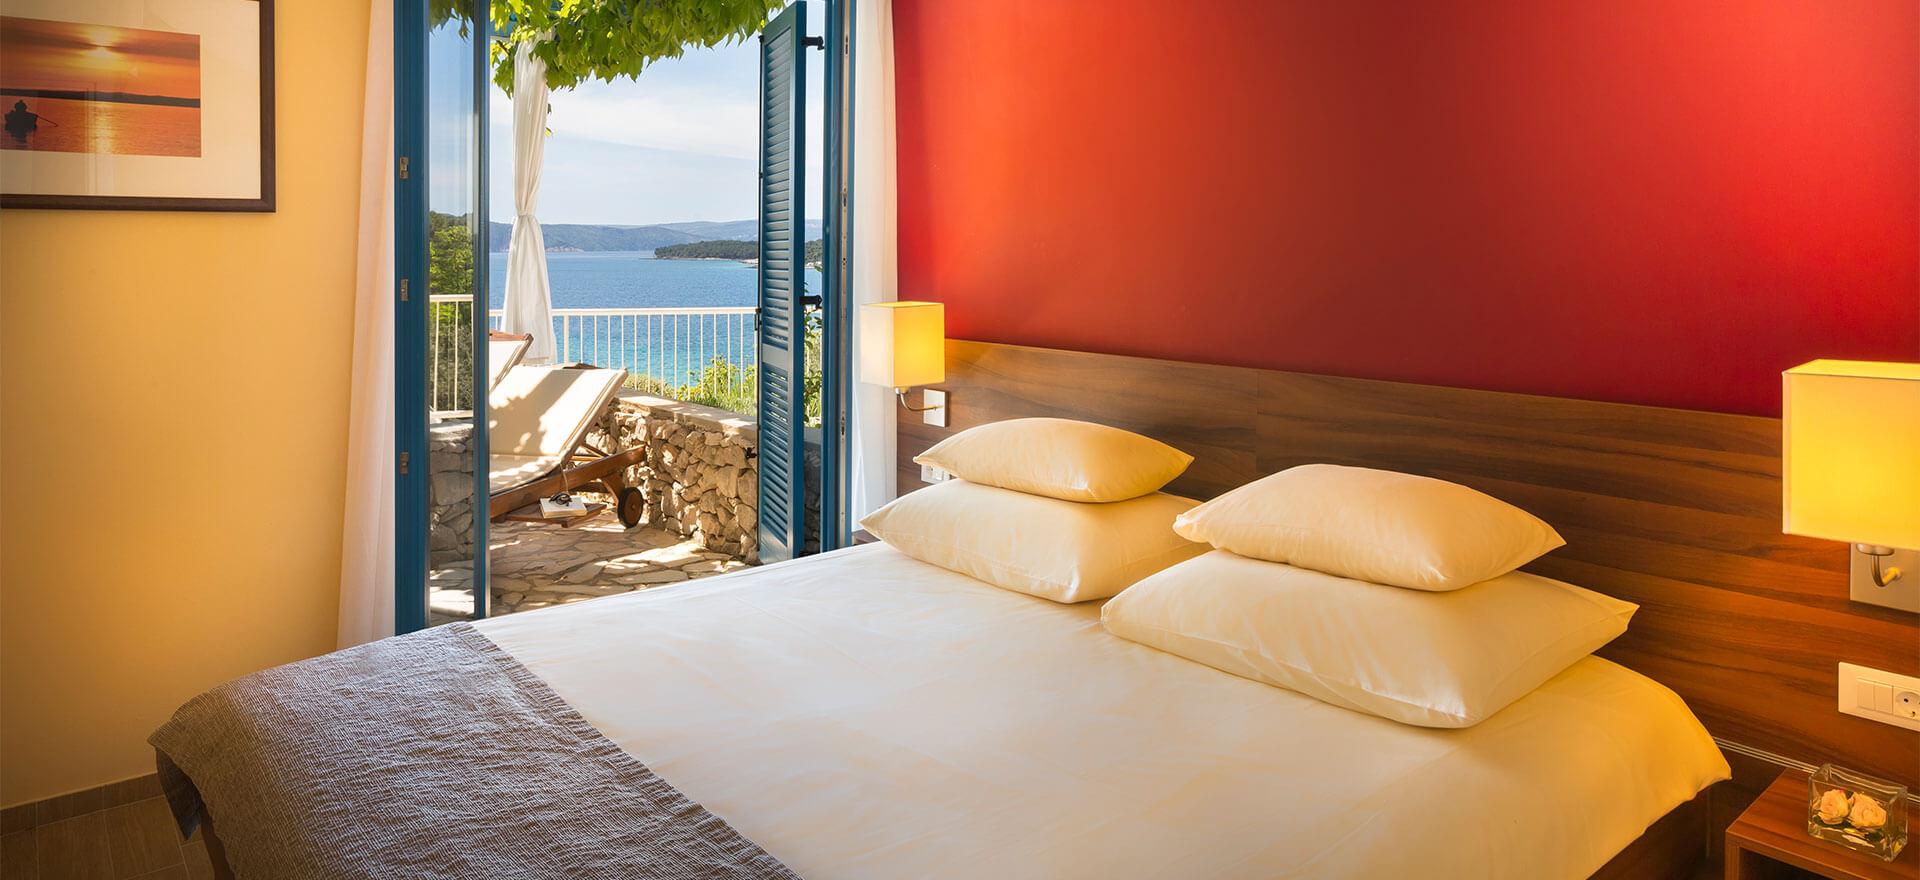 Valamar Koralj Hotel Hotel On The Island Of Krk